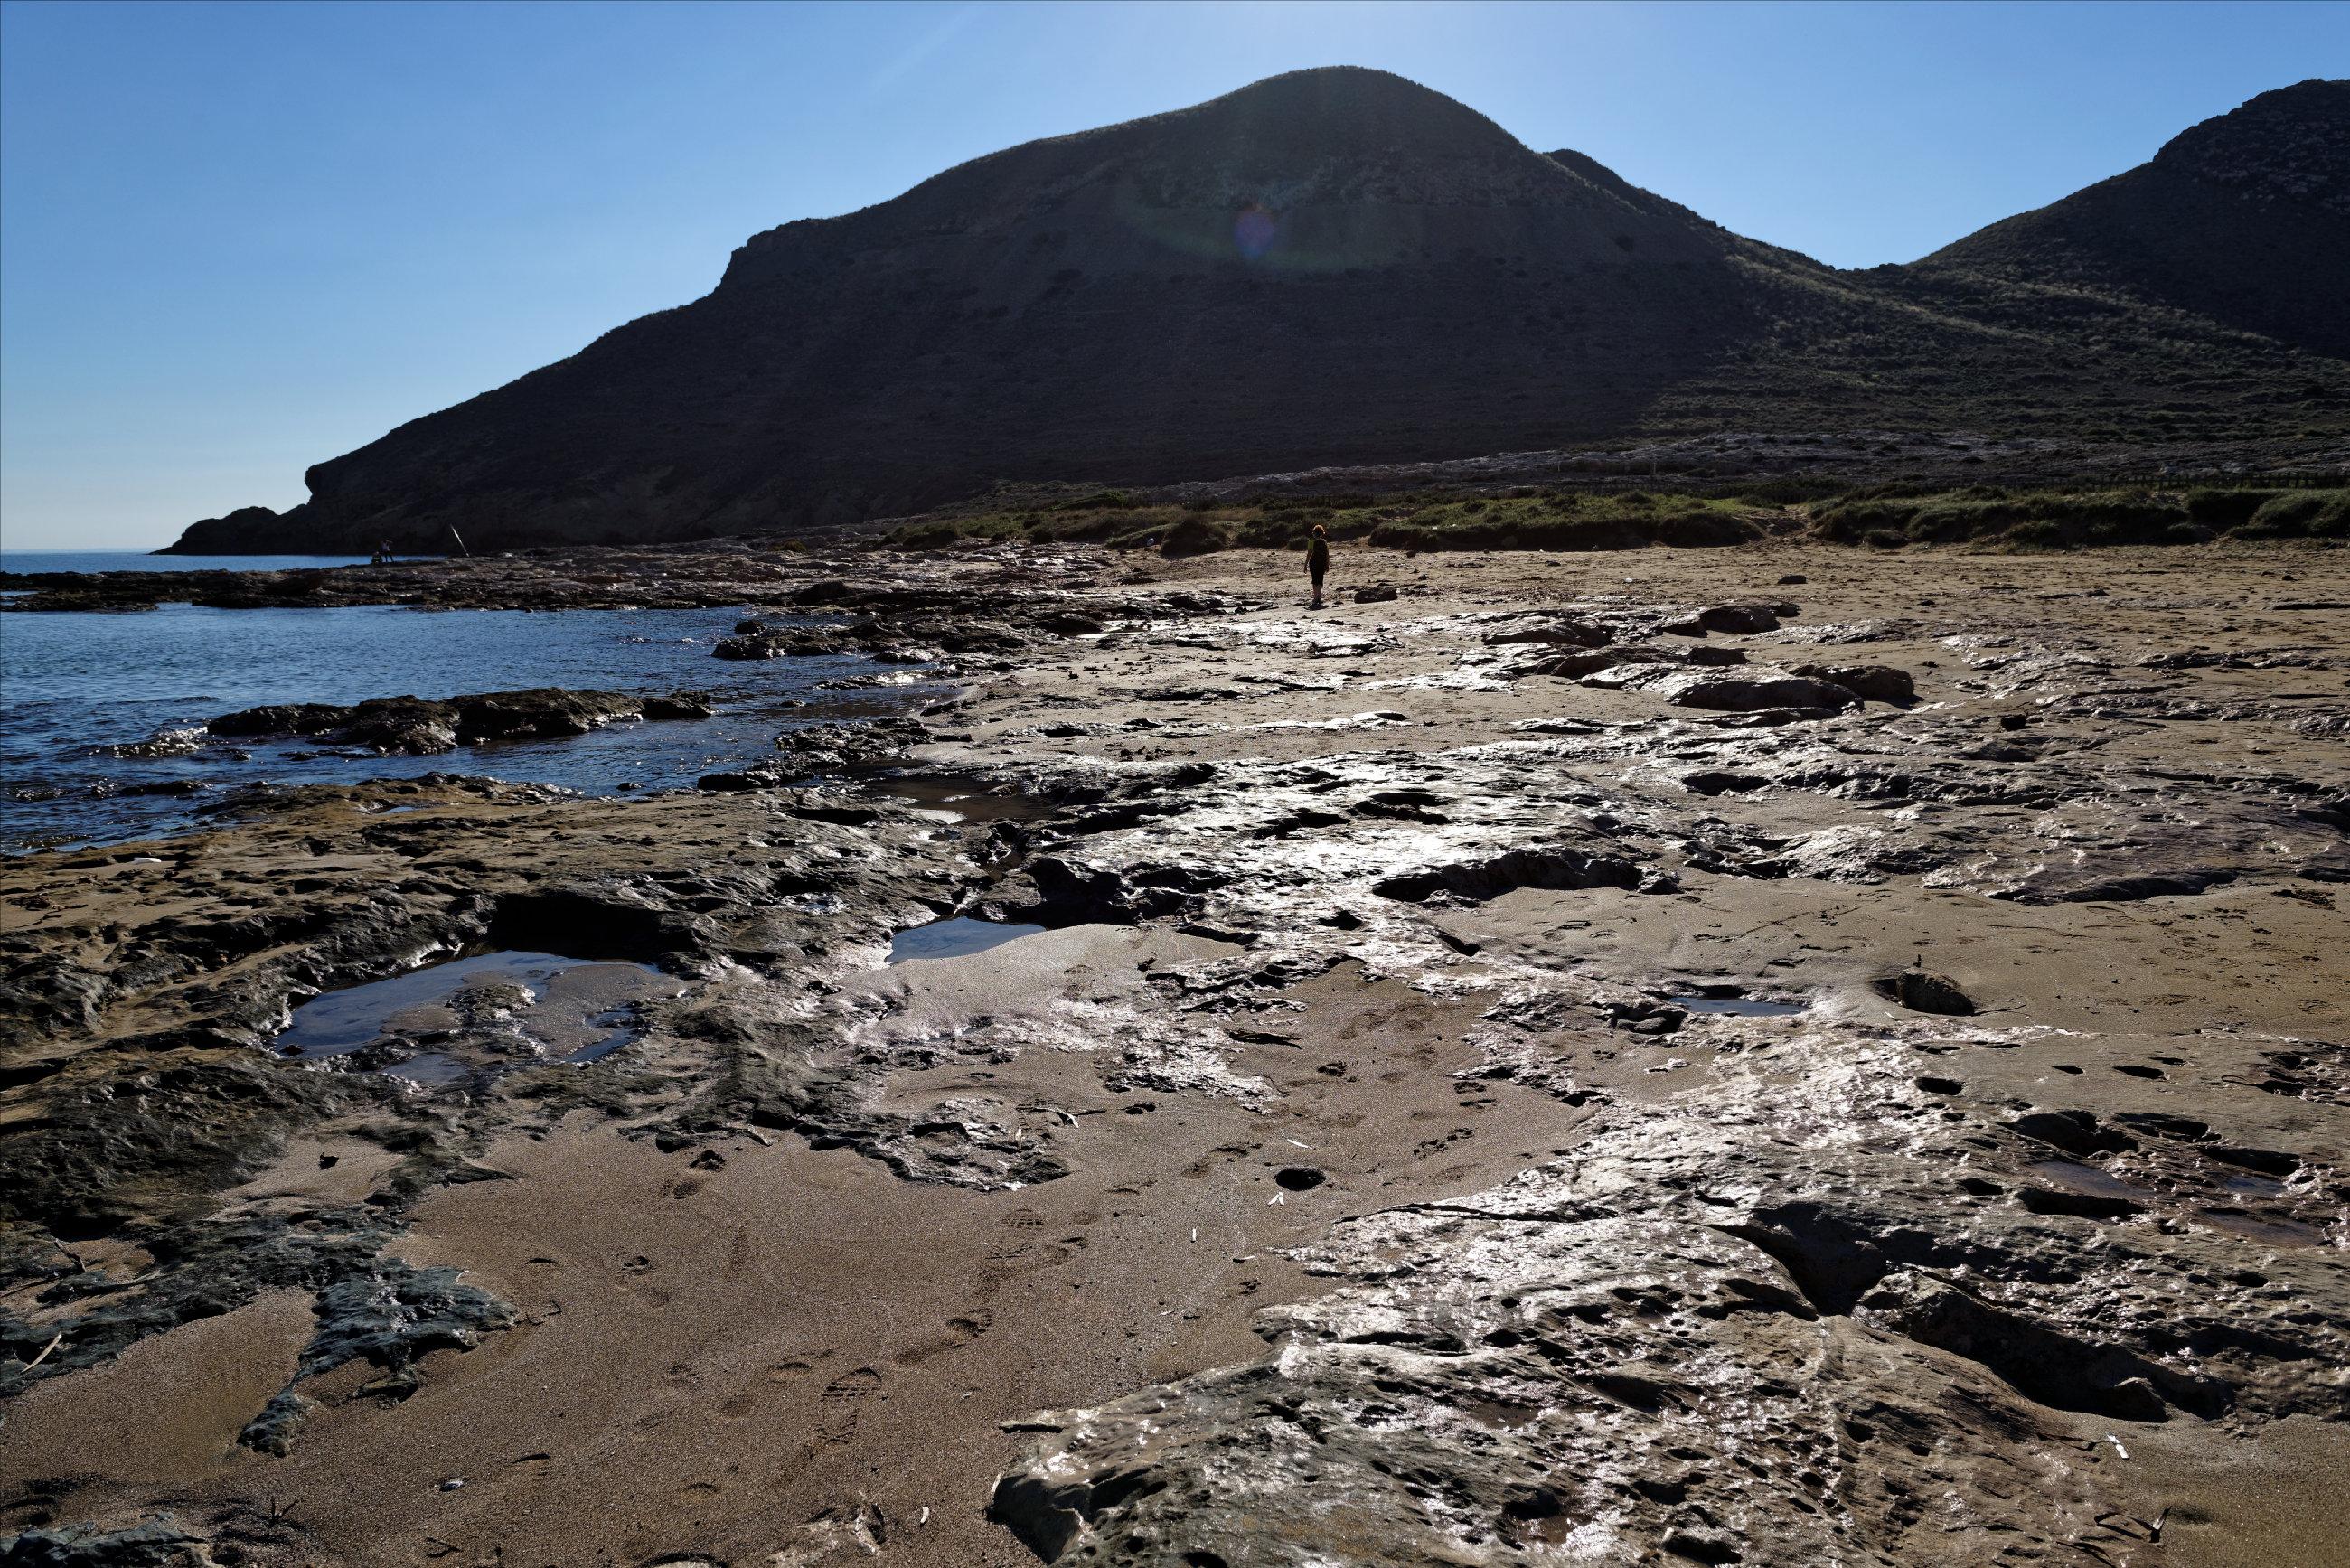 151106-Playa el Playazo (10)